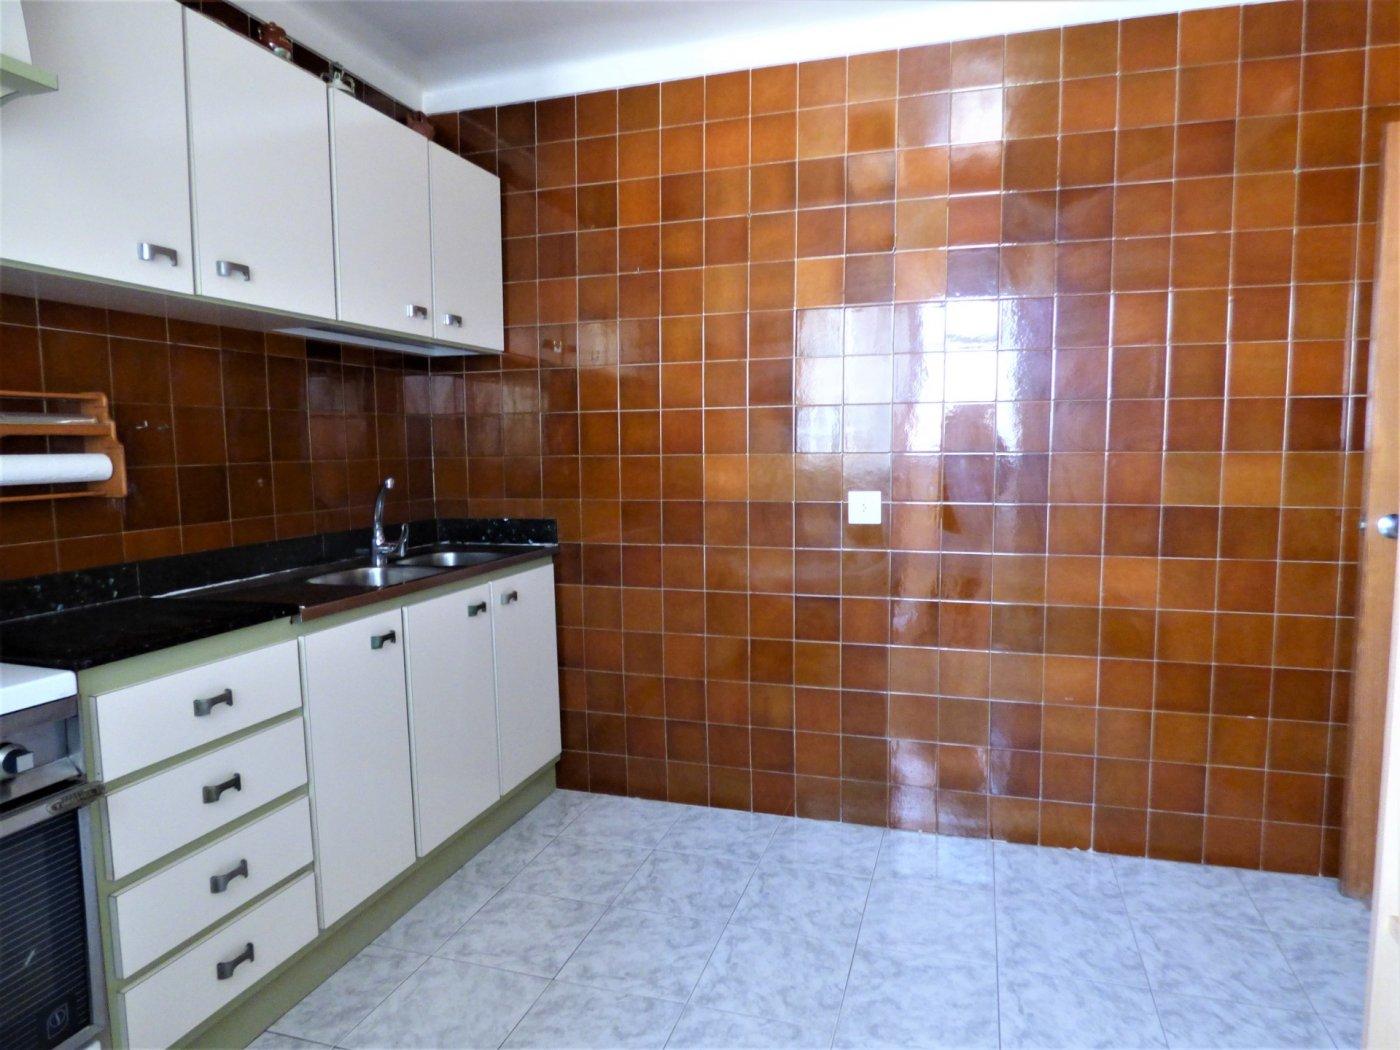 Amplio piso en son cotoner con garaje - imagenInmueble5